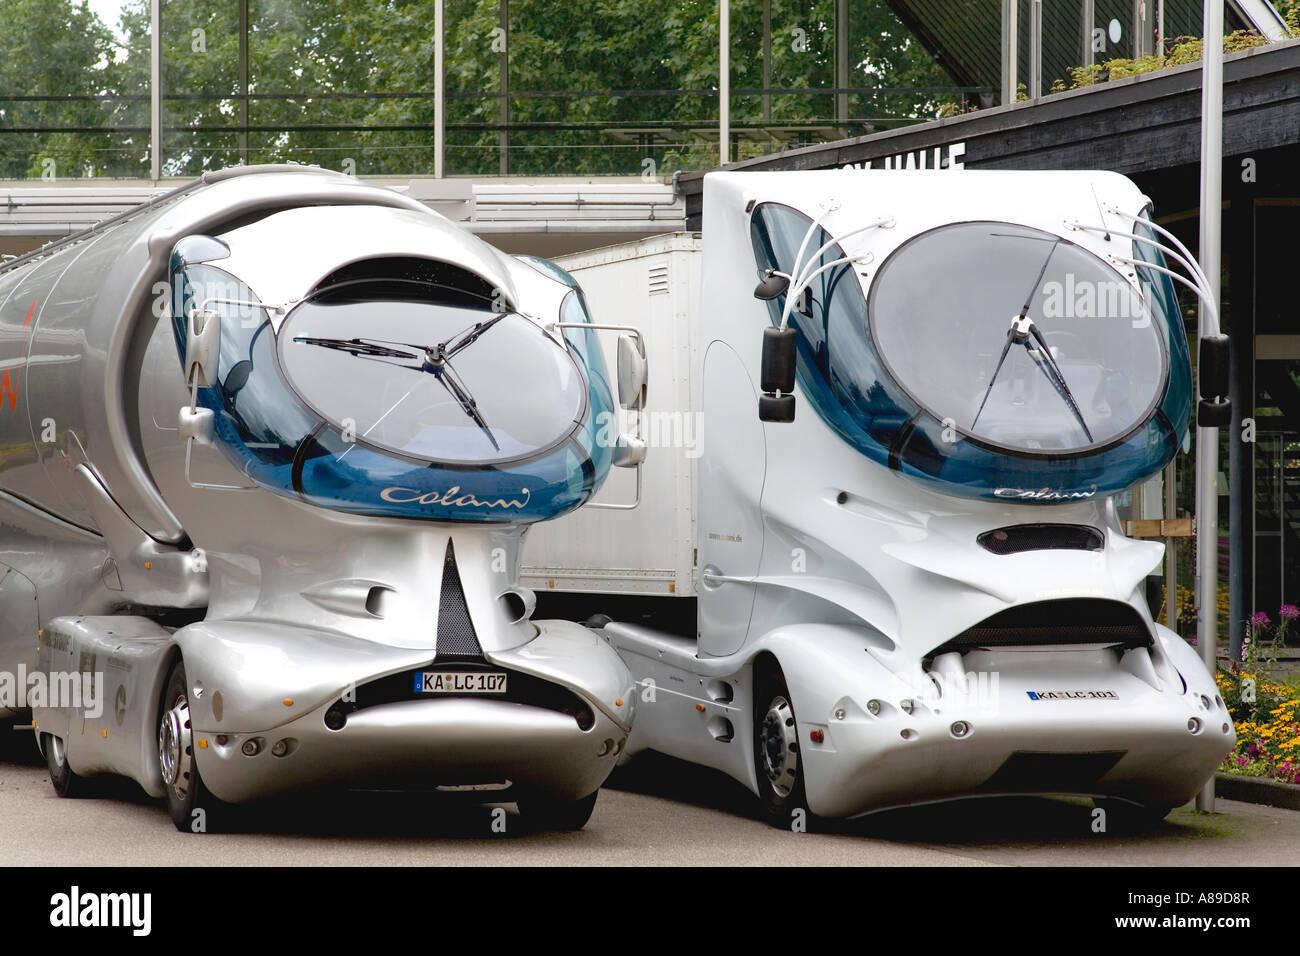 Camiones futurista, diseñado por colani, Karlsruhe, Baden Wuerttemberg, Alemania Imagen De Stock